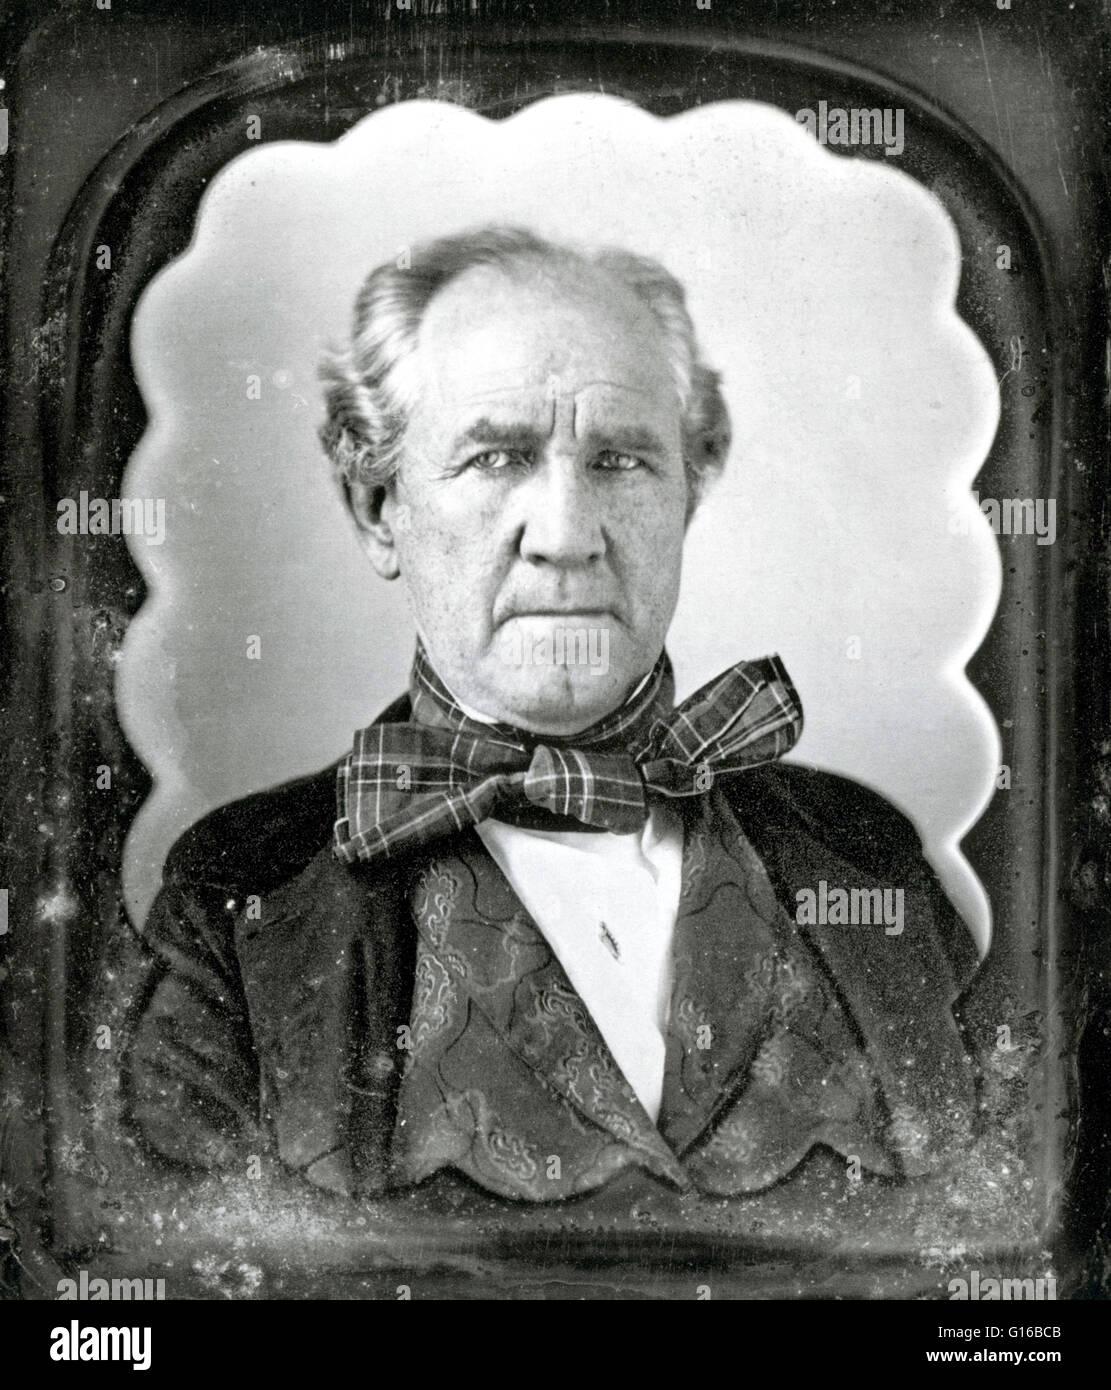 Photo non datée de Houston. Samuel 'Sam' Houston (2 mars 1793 - 26 juillet 1863) était un homme d'État, homme politique, Banque D'Images